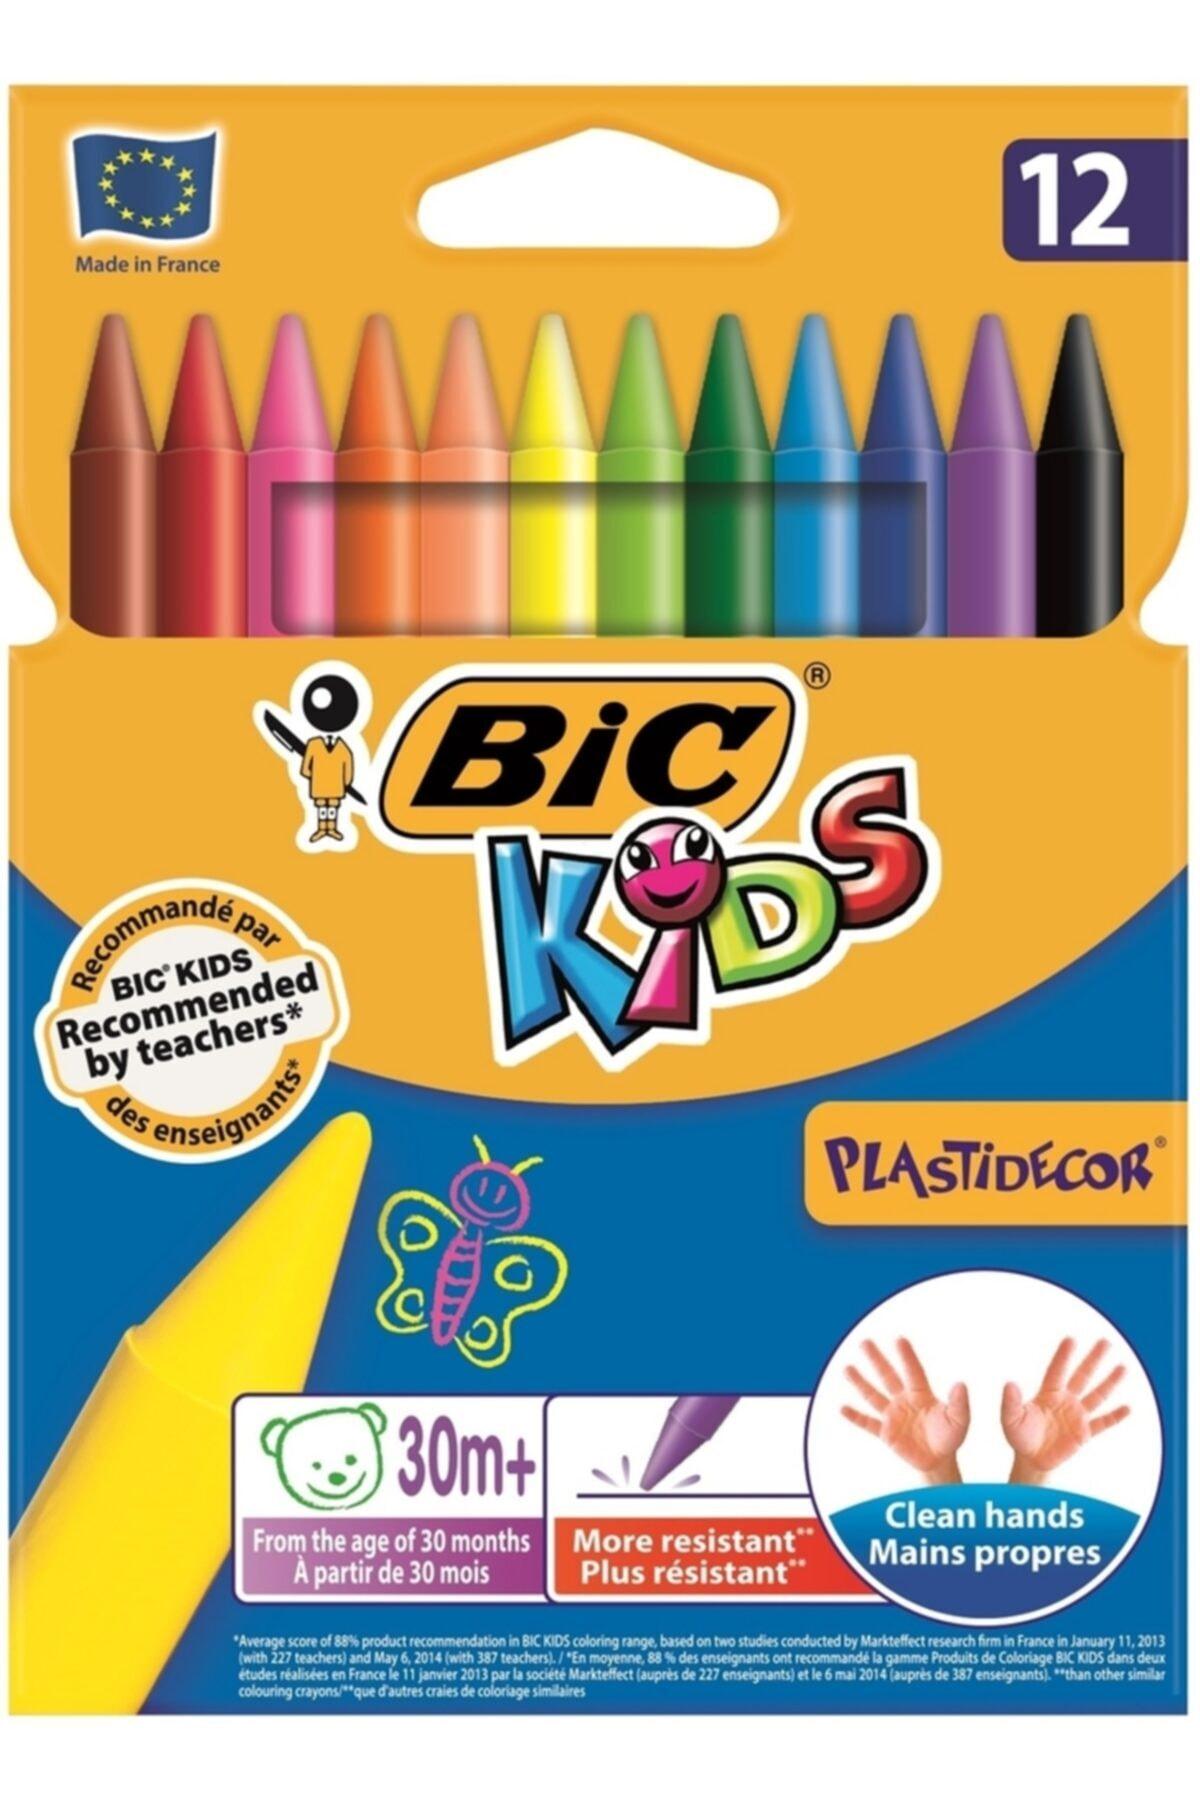 Bic Kids Plastidecor Silinebilir Pastel Boya 12 Renk 920299